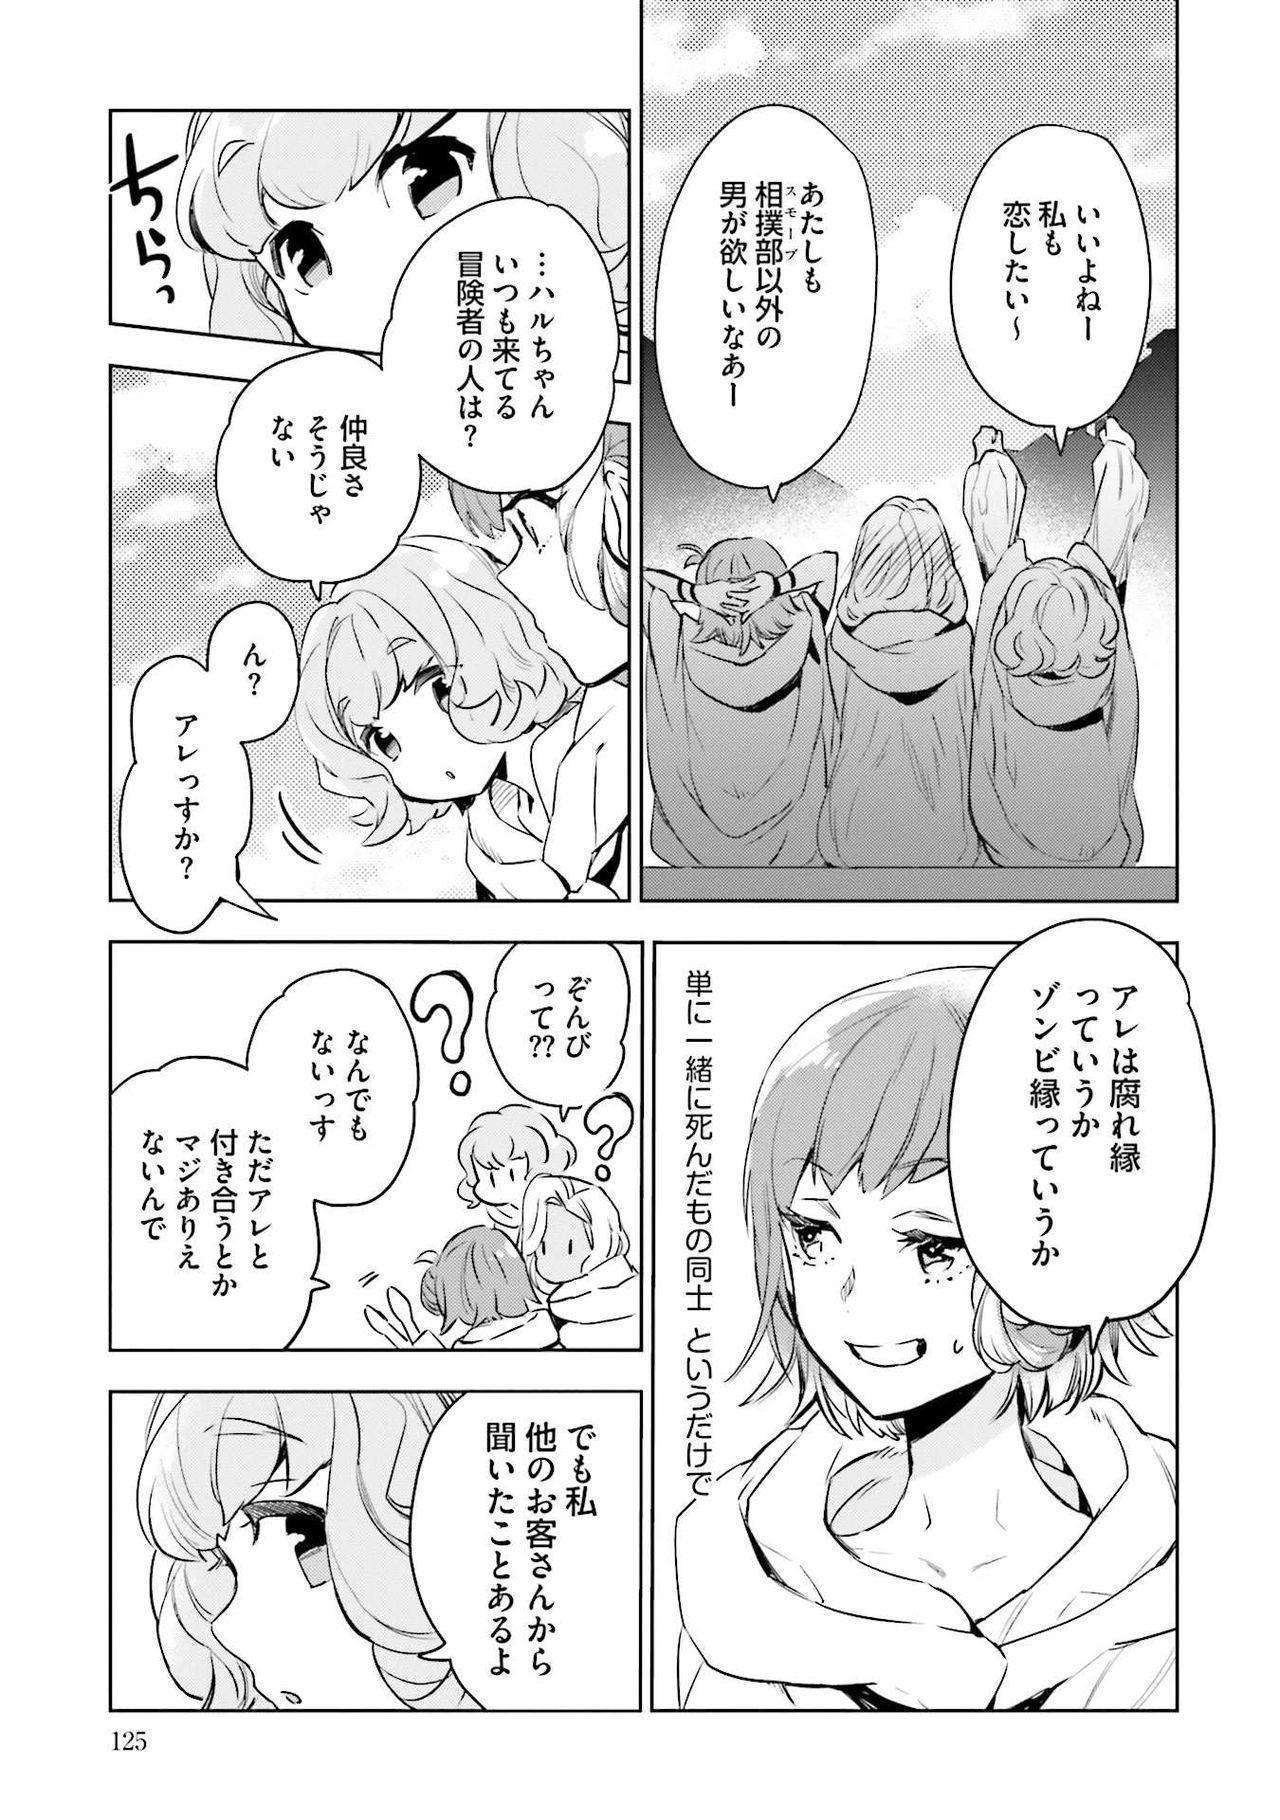 JK Haru wa Isekai de Shoufu ni Natta 1-14 126